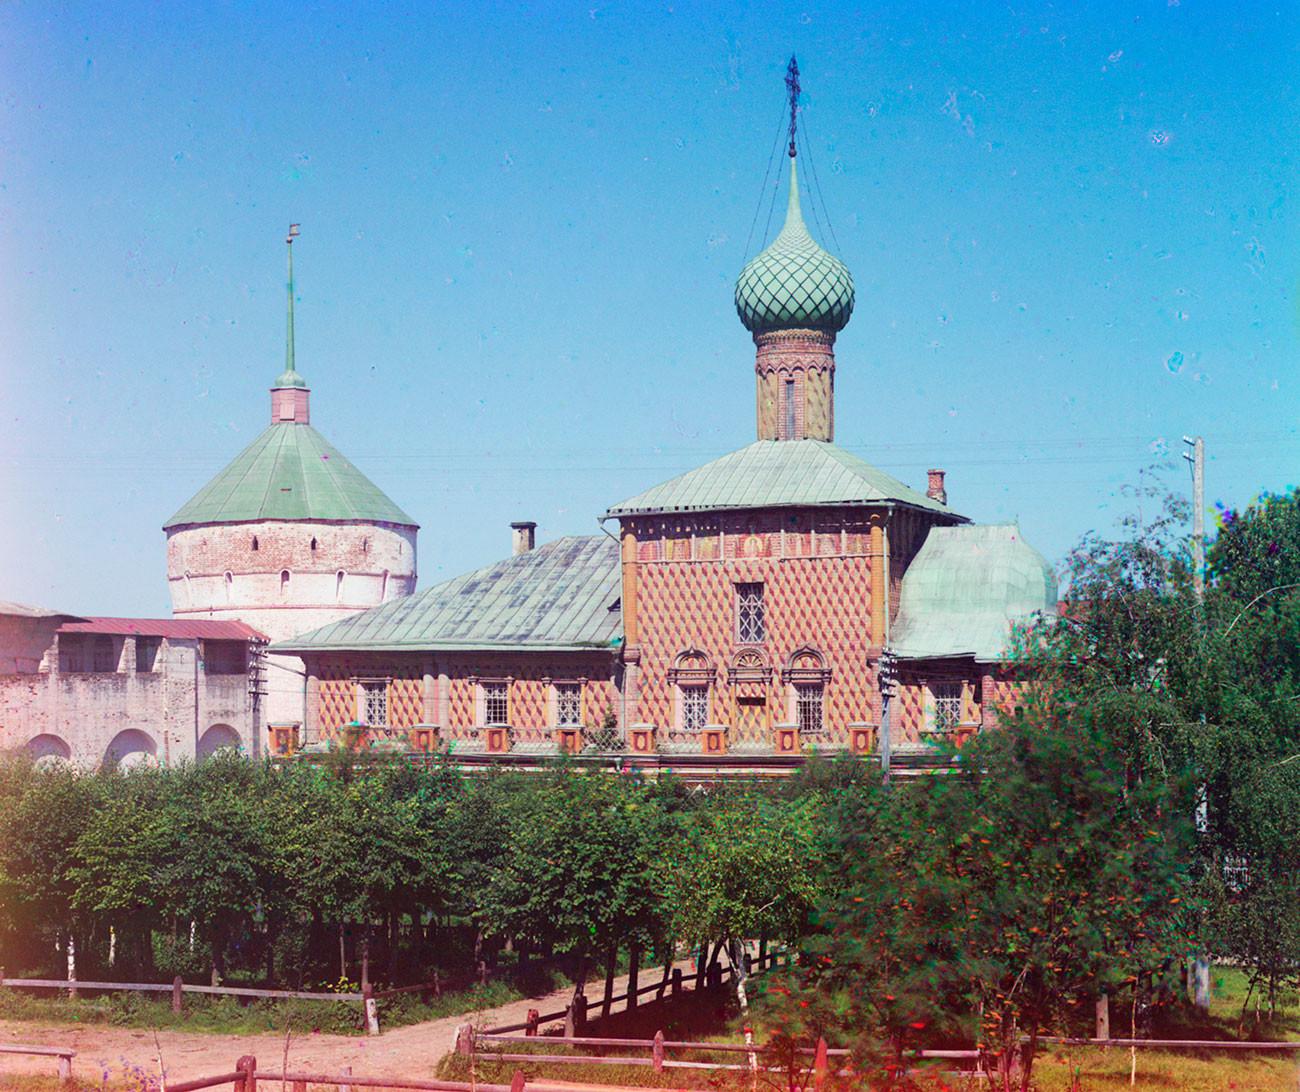 Kremlin de Rostov. Torre de la esquina noroeste e iglesia del Icono de Odighitria, vista sur. 12 de julio de 2012. Verano de 1911.